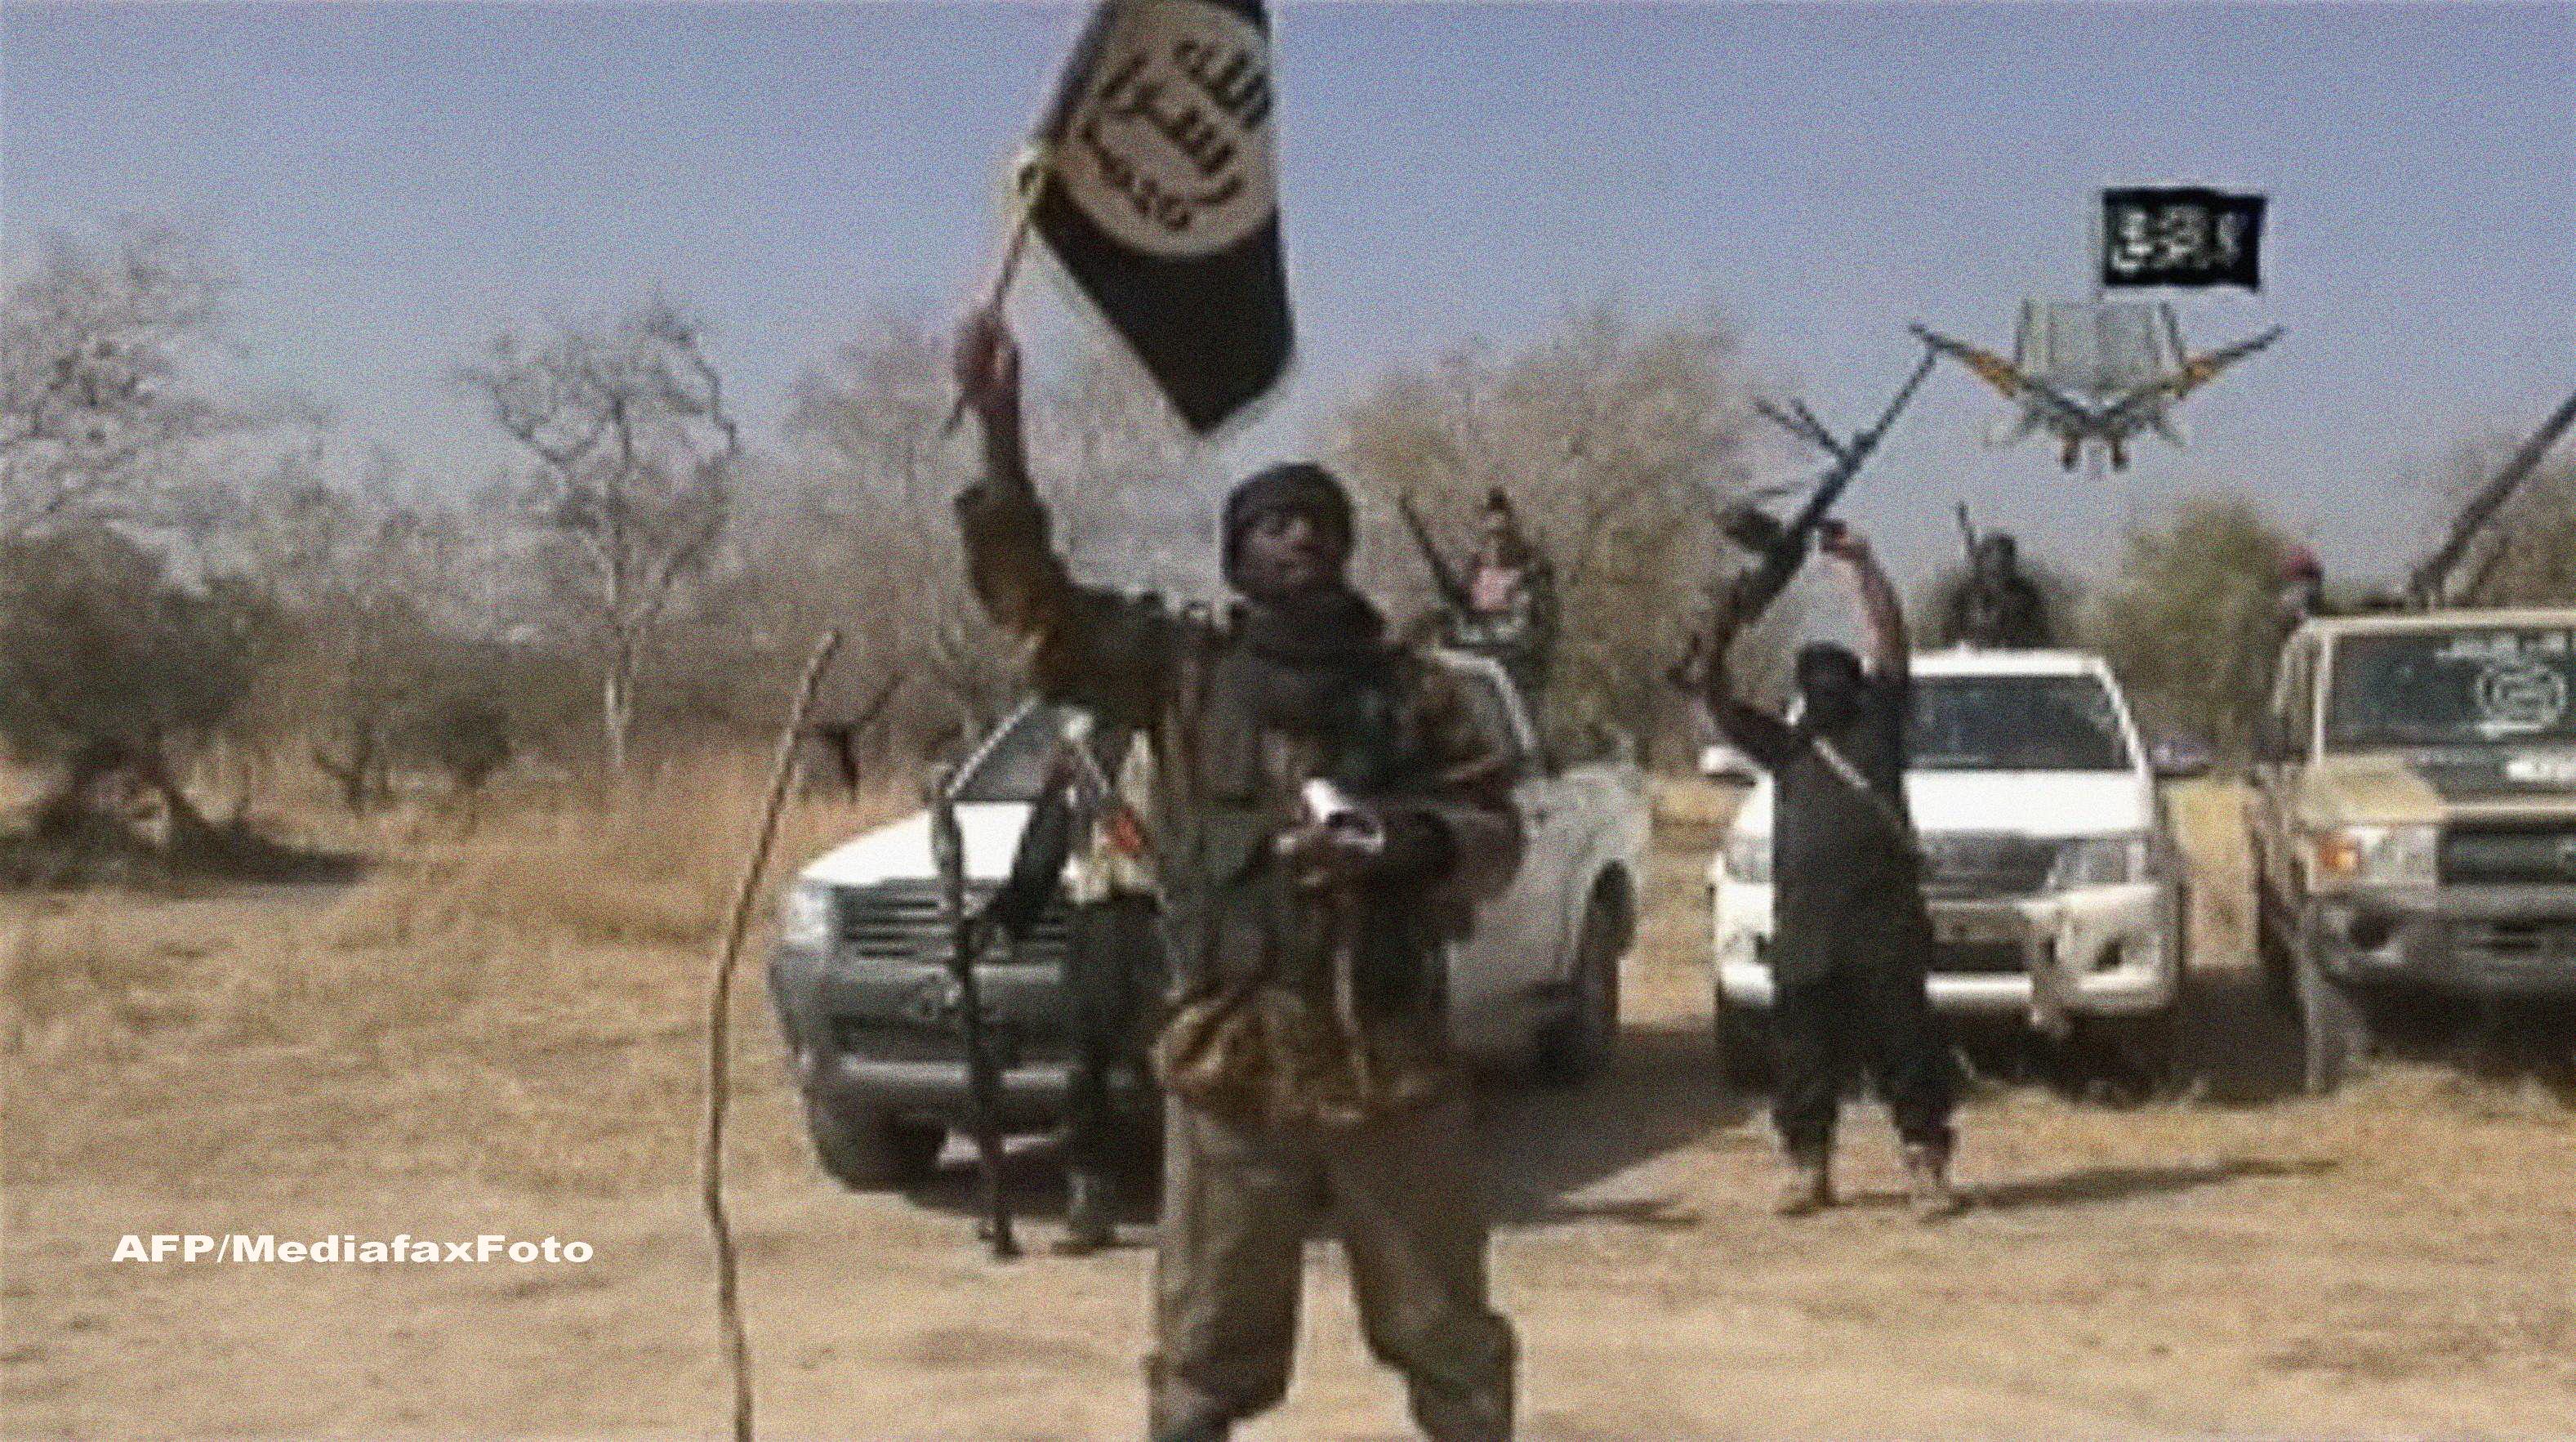 Atac sangeros cu cel putin 65 de victime intr-un sat din Nigeria. Ce au facut teroristii Boko Haram dupa ce au ars casele